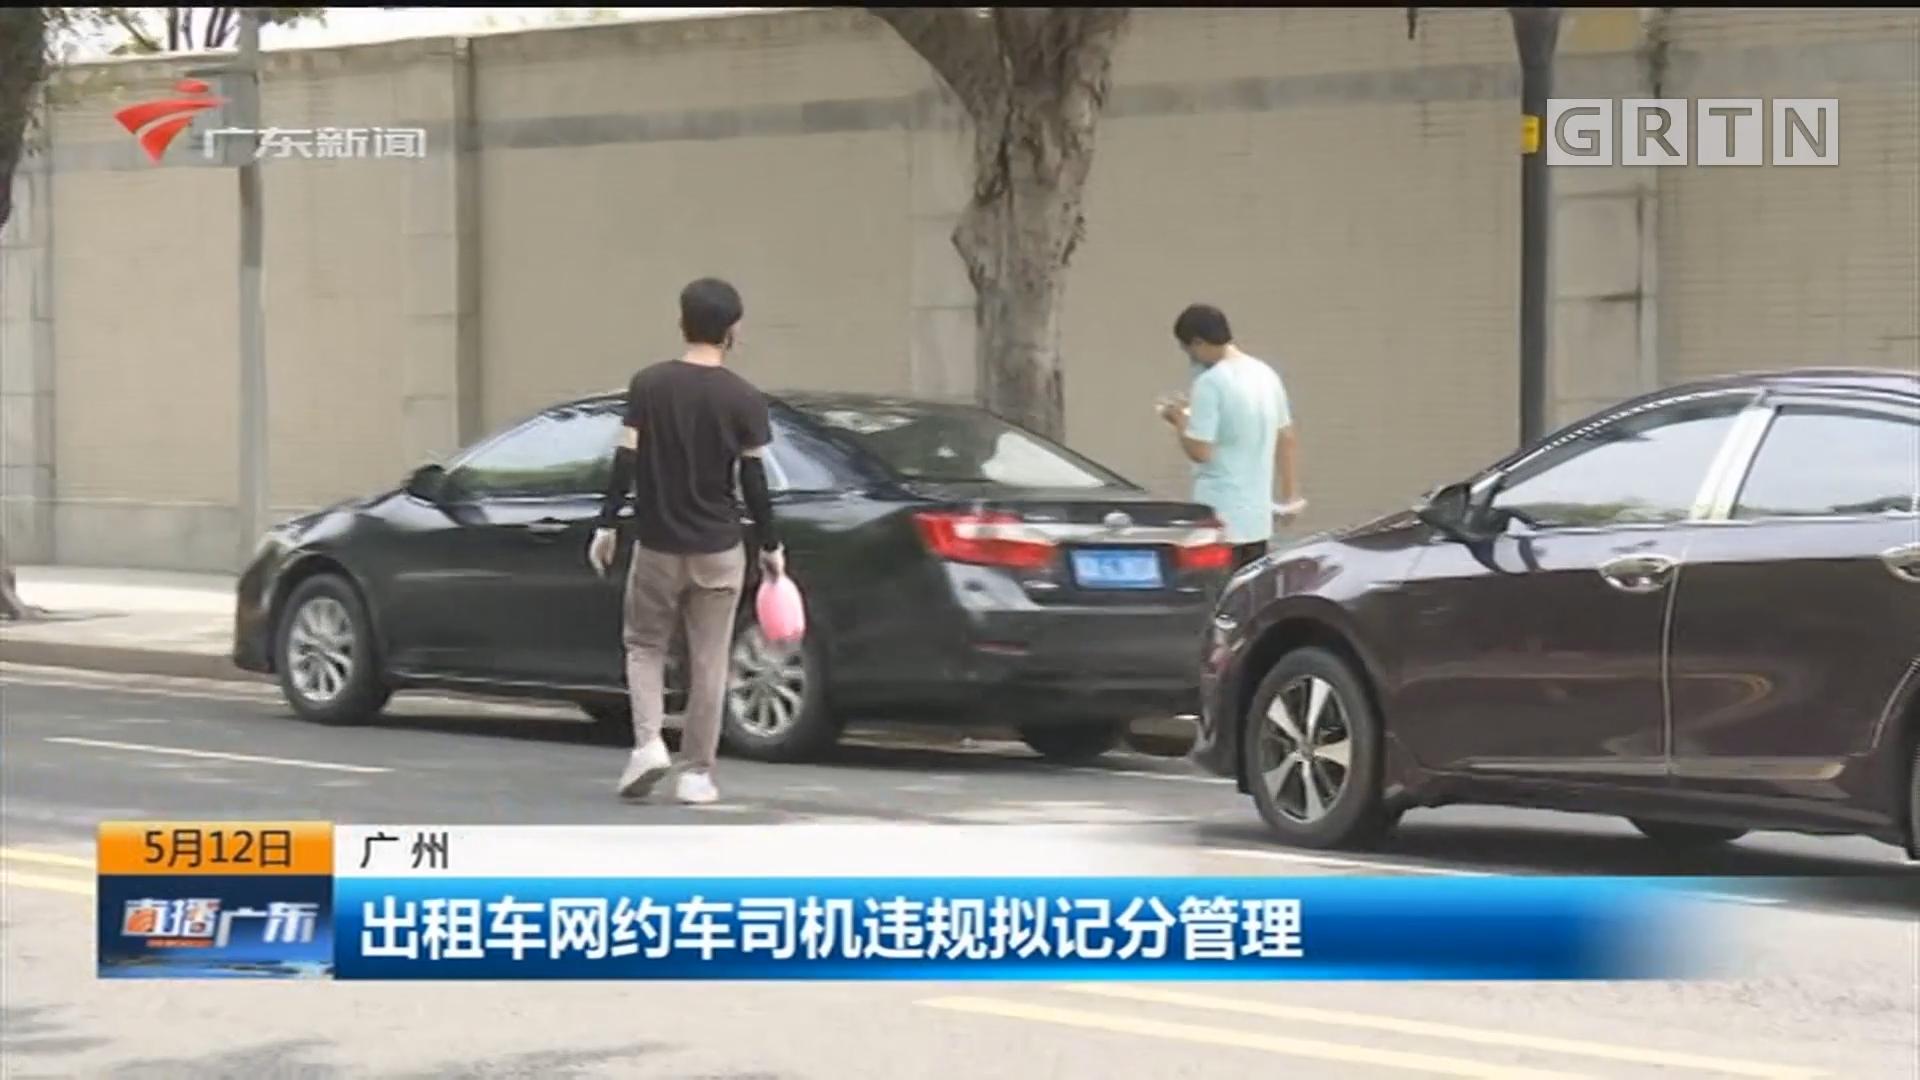 广州 出租车网约车司机违规拟记分管理